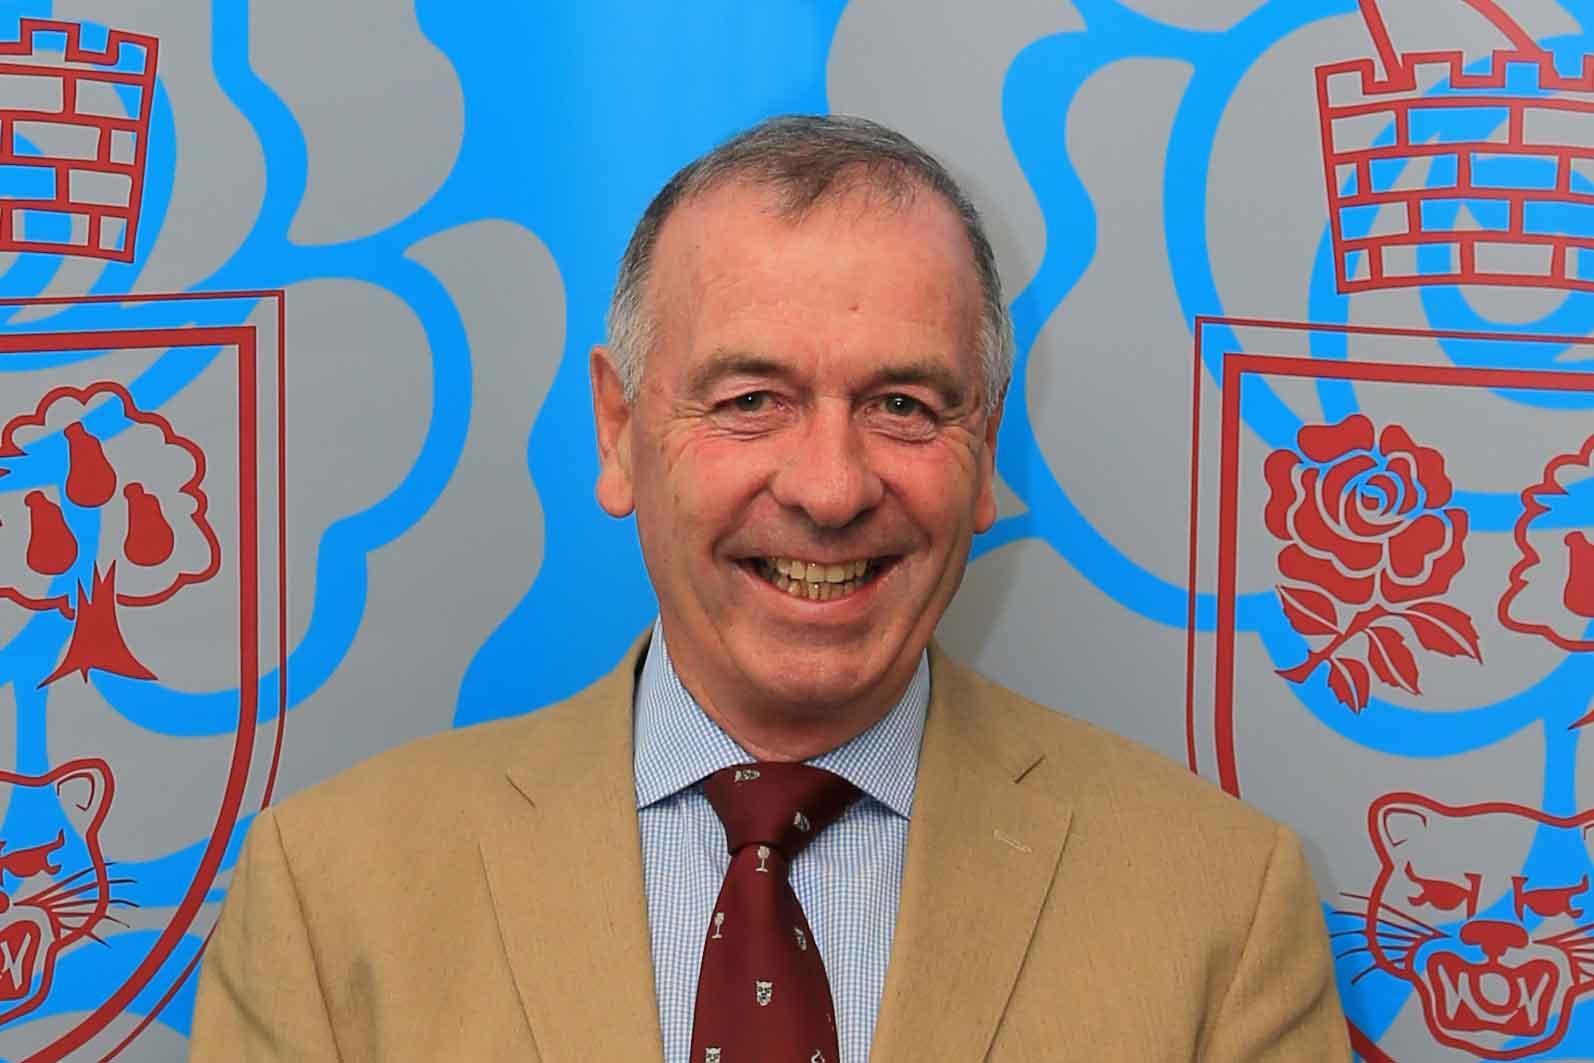 Steve Guy, RFU Council Member